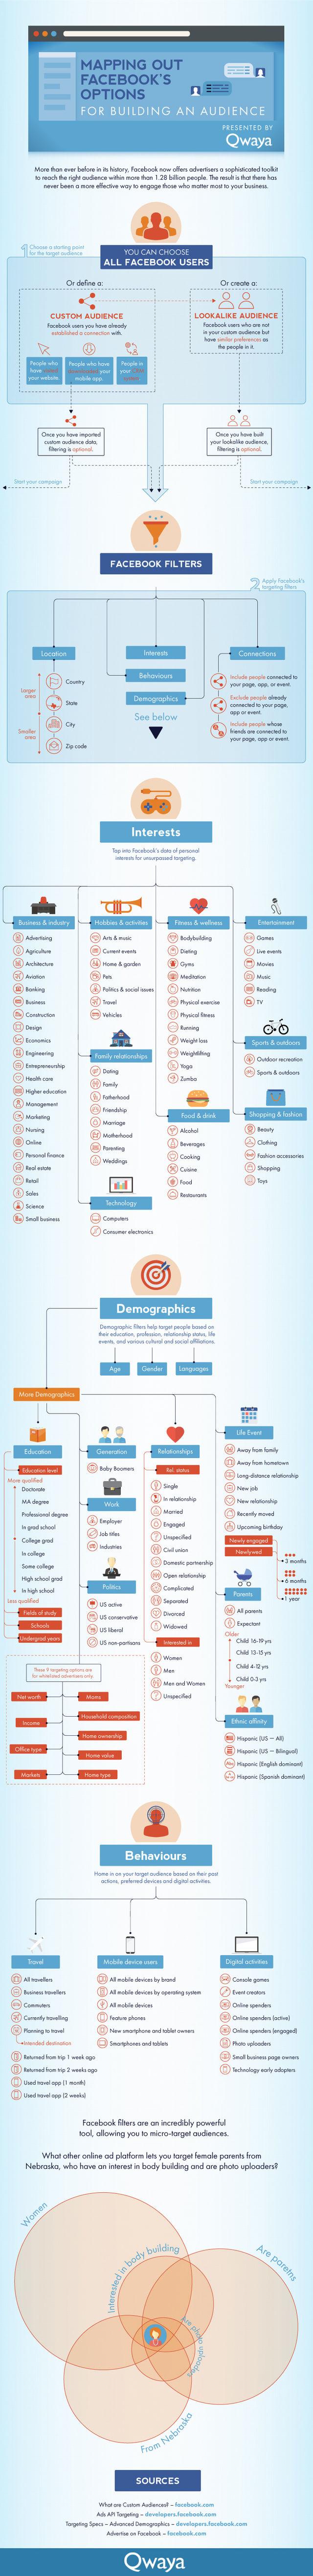 Qwaya Targeting Infographic